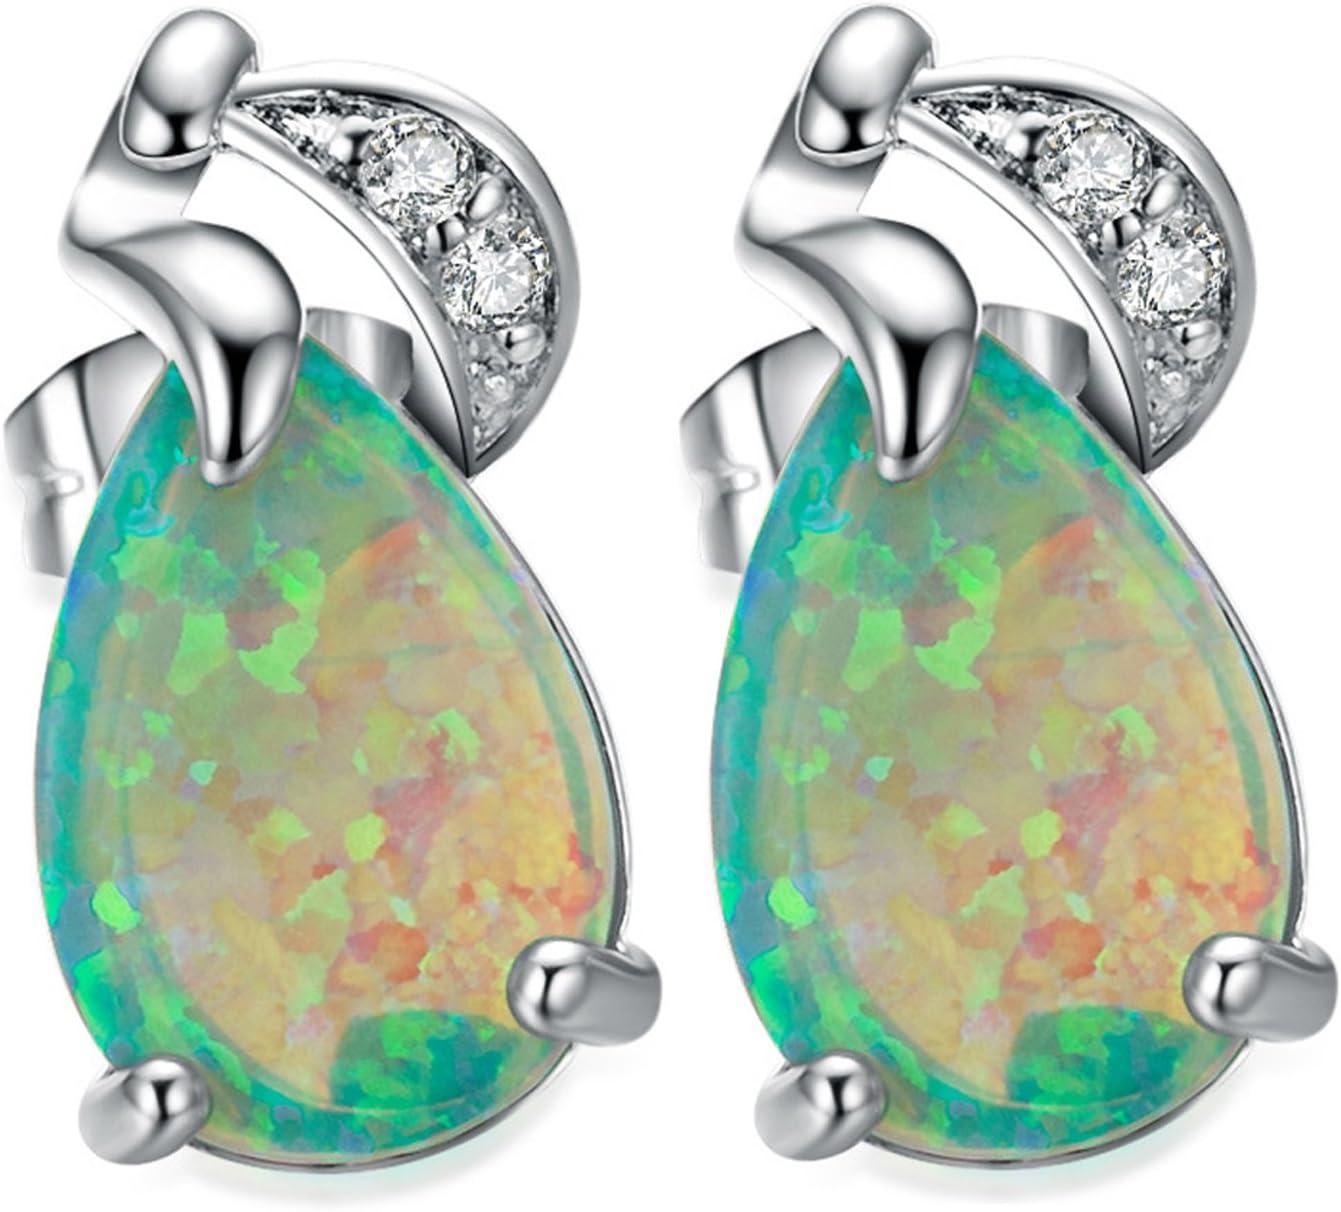 OMZBM Creado Verde Ópalo Pendientes De Piedras Preciosas Exquisita Plata De Ley Lágrima Pequeños Aretes De Oro Blanco Joyería Mujeres Chica